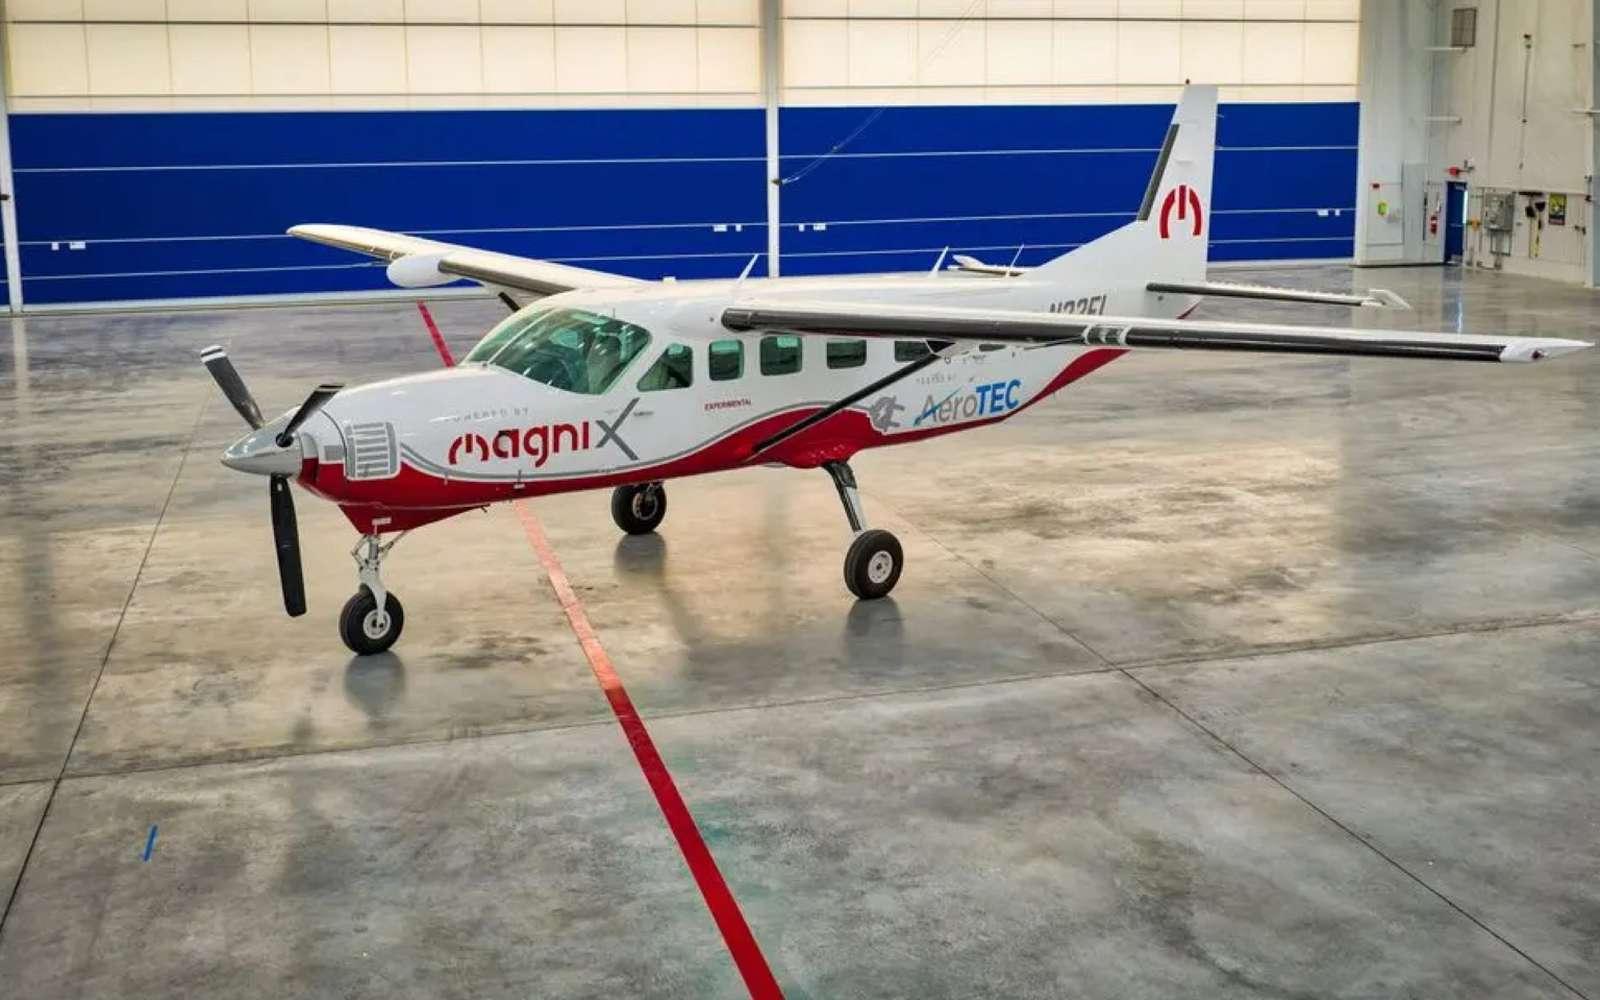 Avec son moteur de 750 chevaux alimenté par sa batterie, le Cessna Caravan aura une autonomie limitée à 160 Km. © Magnix